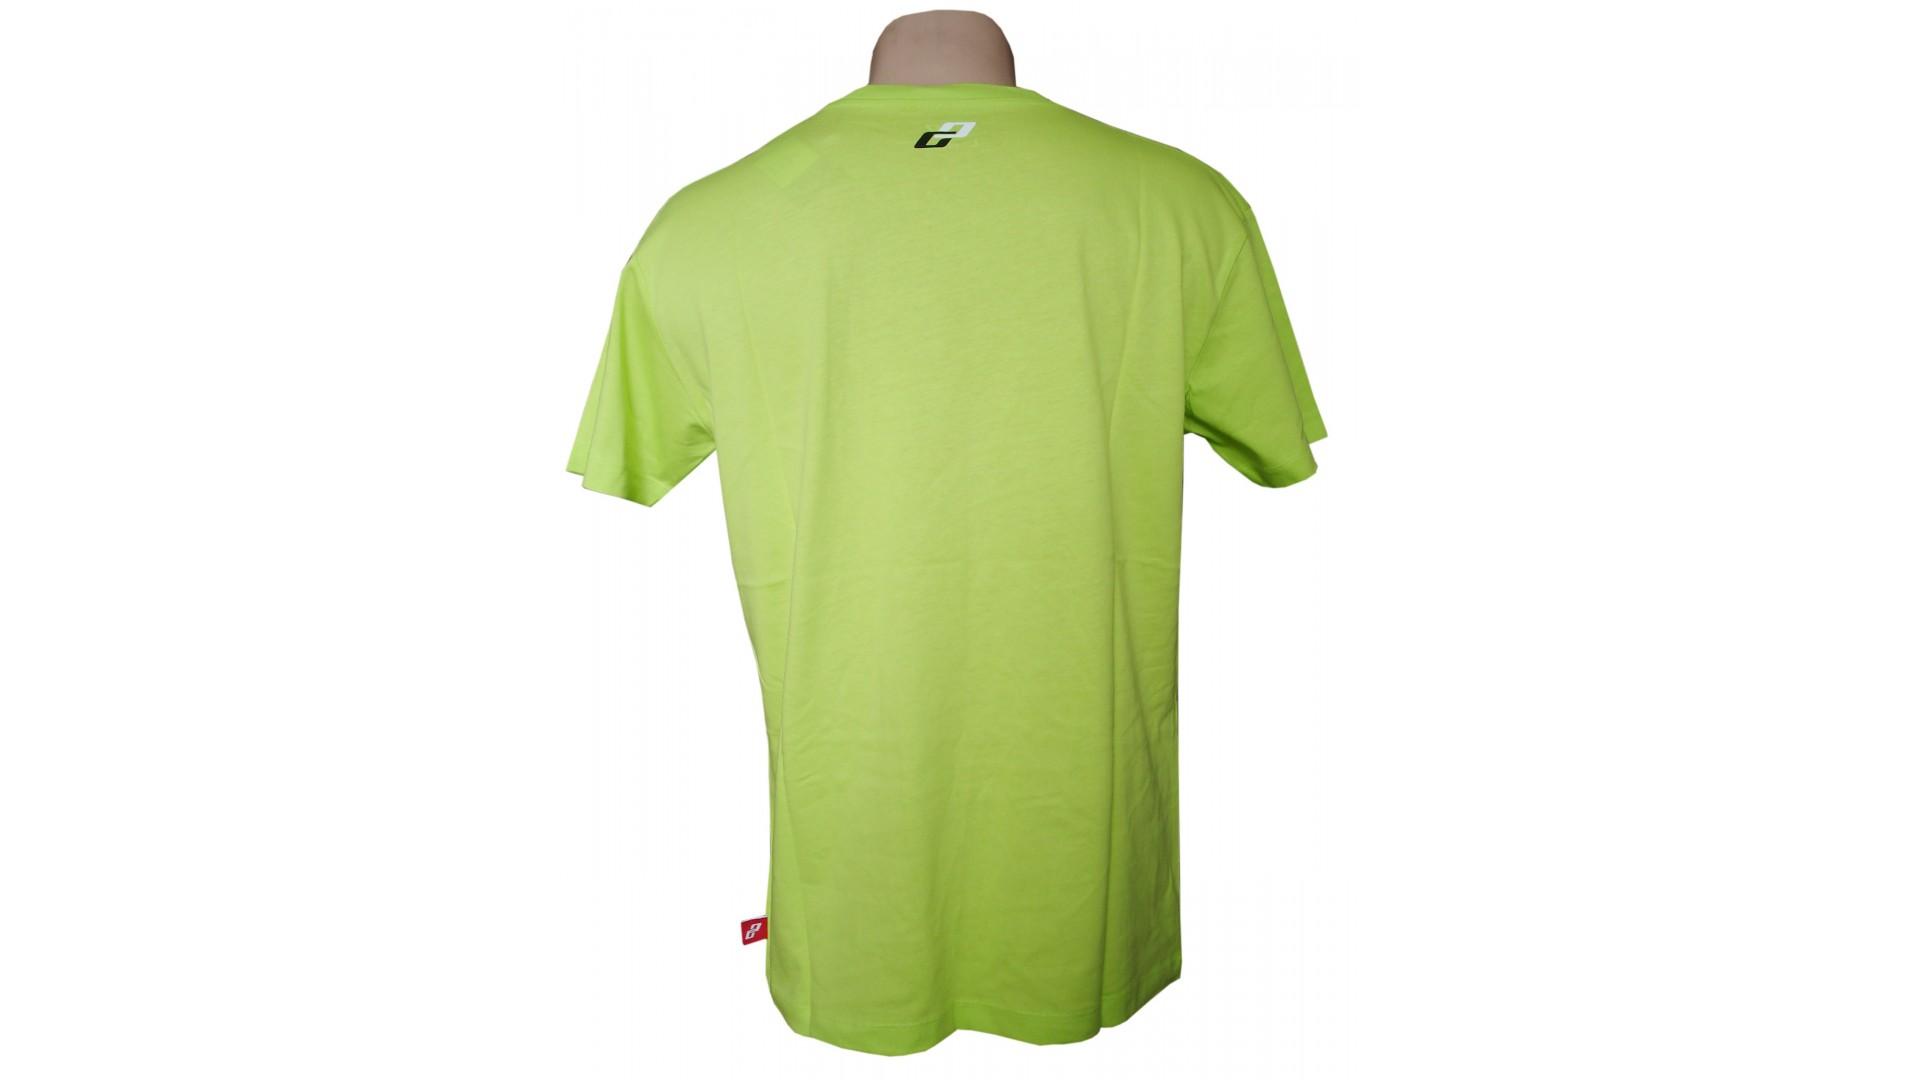 Футболка Ghost T-shirt lime год 2014